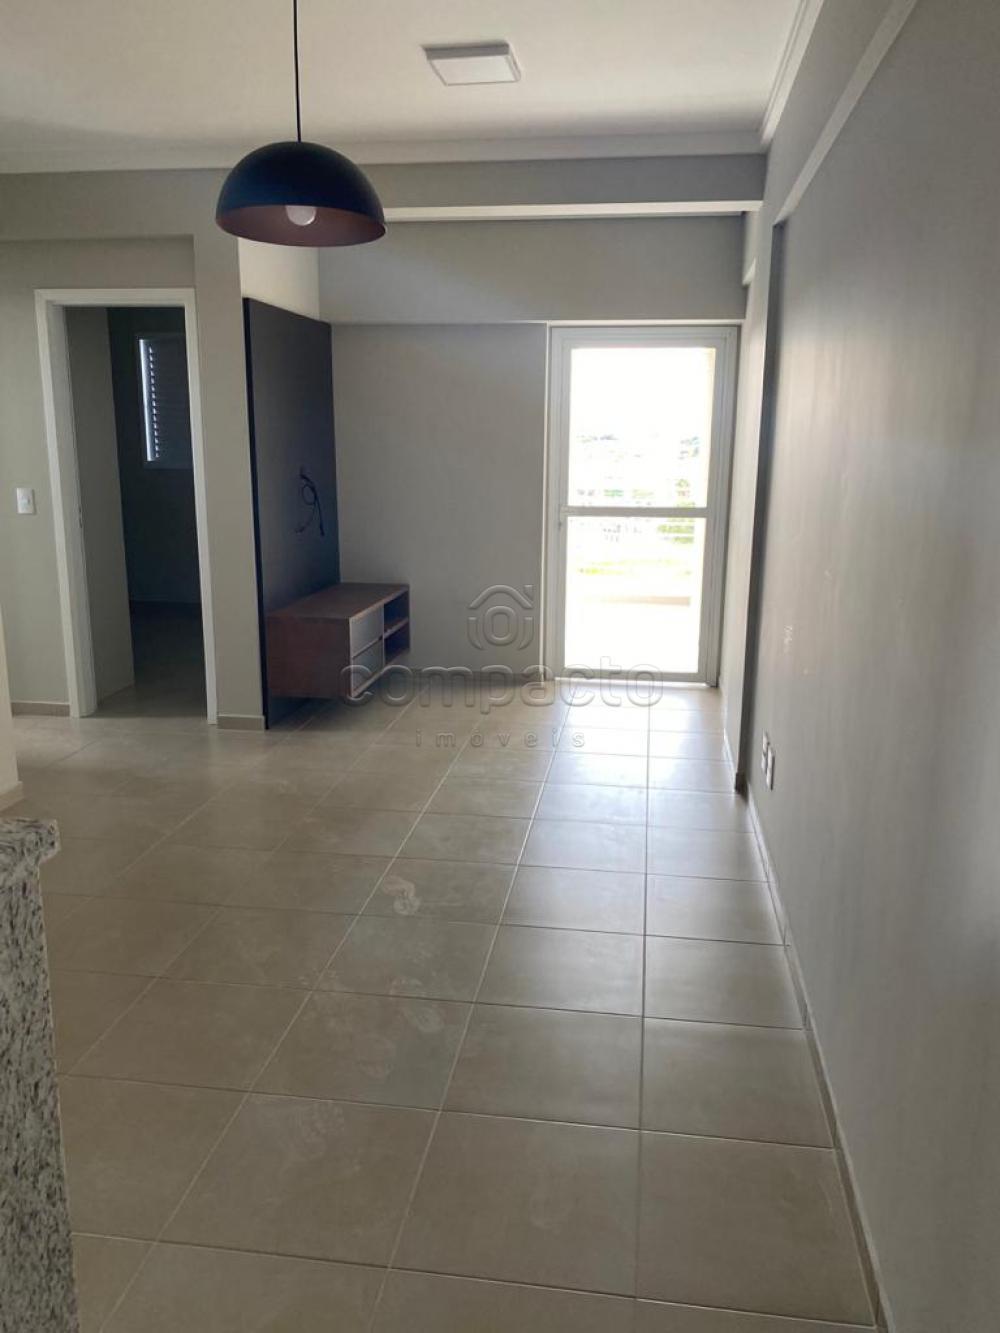 Alugar Apartamento / Padrão em São José do Rio Preto apenas R$ 1.250,00 - Foto 1